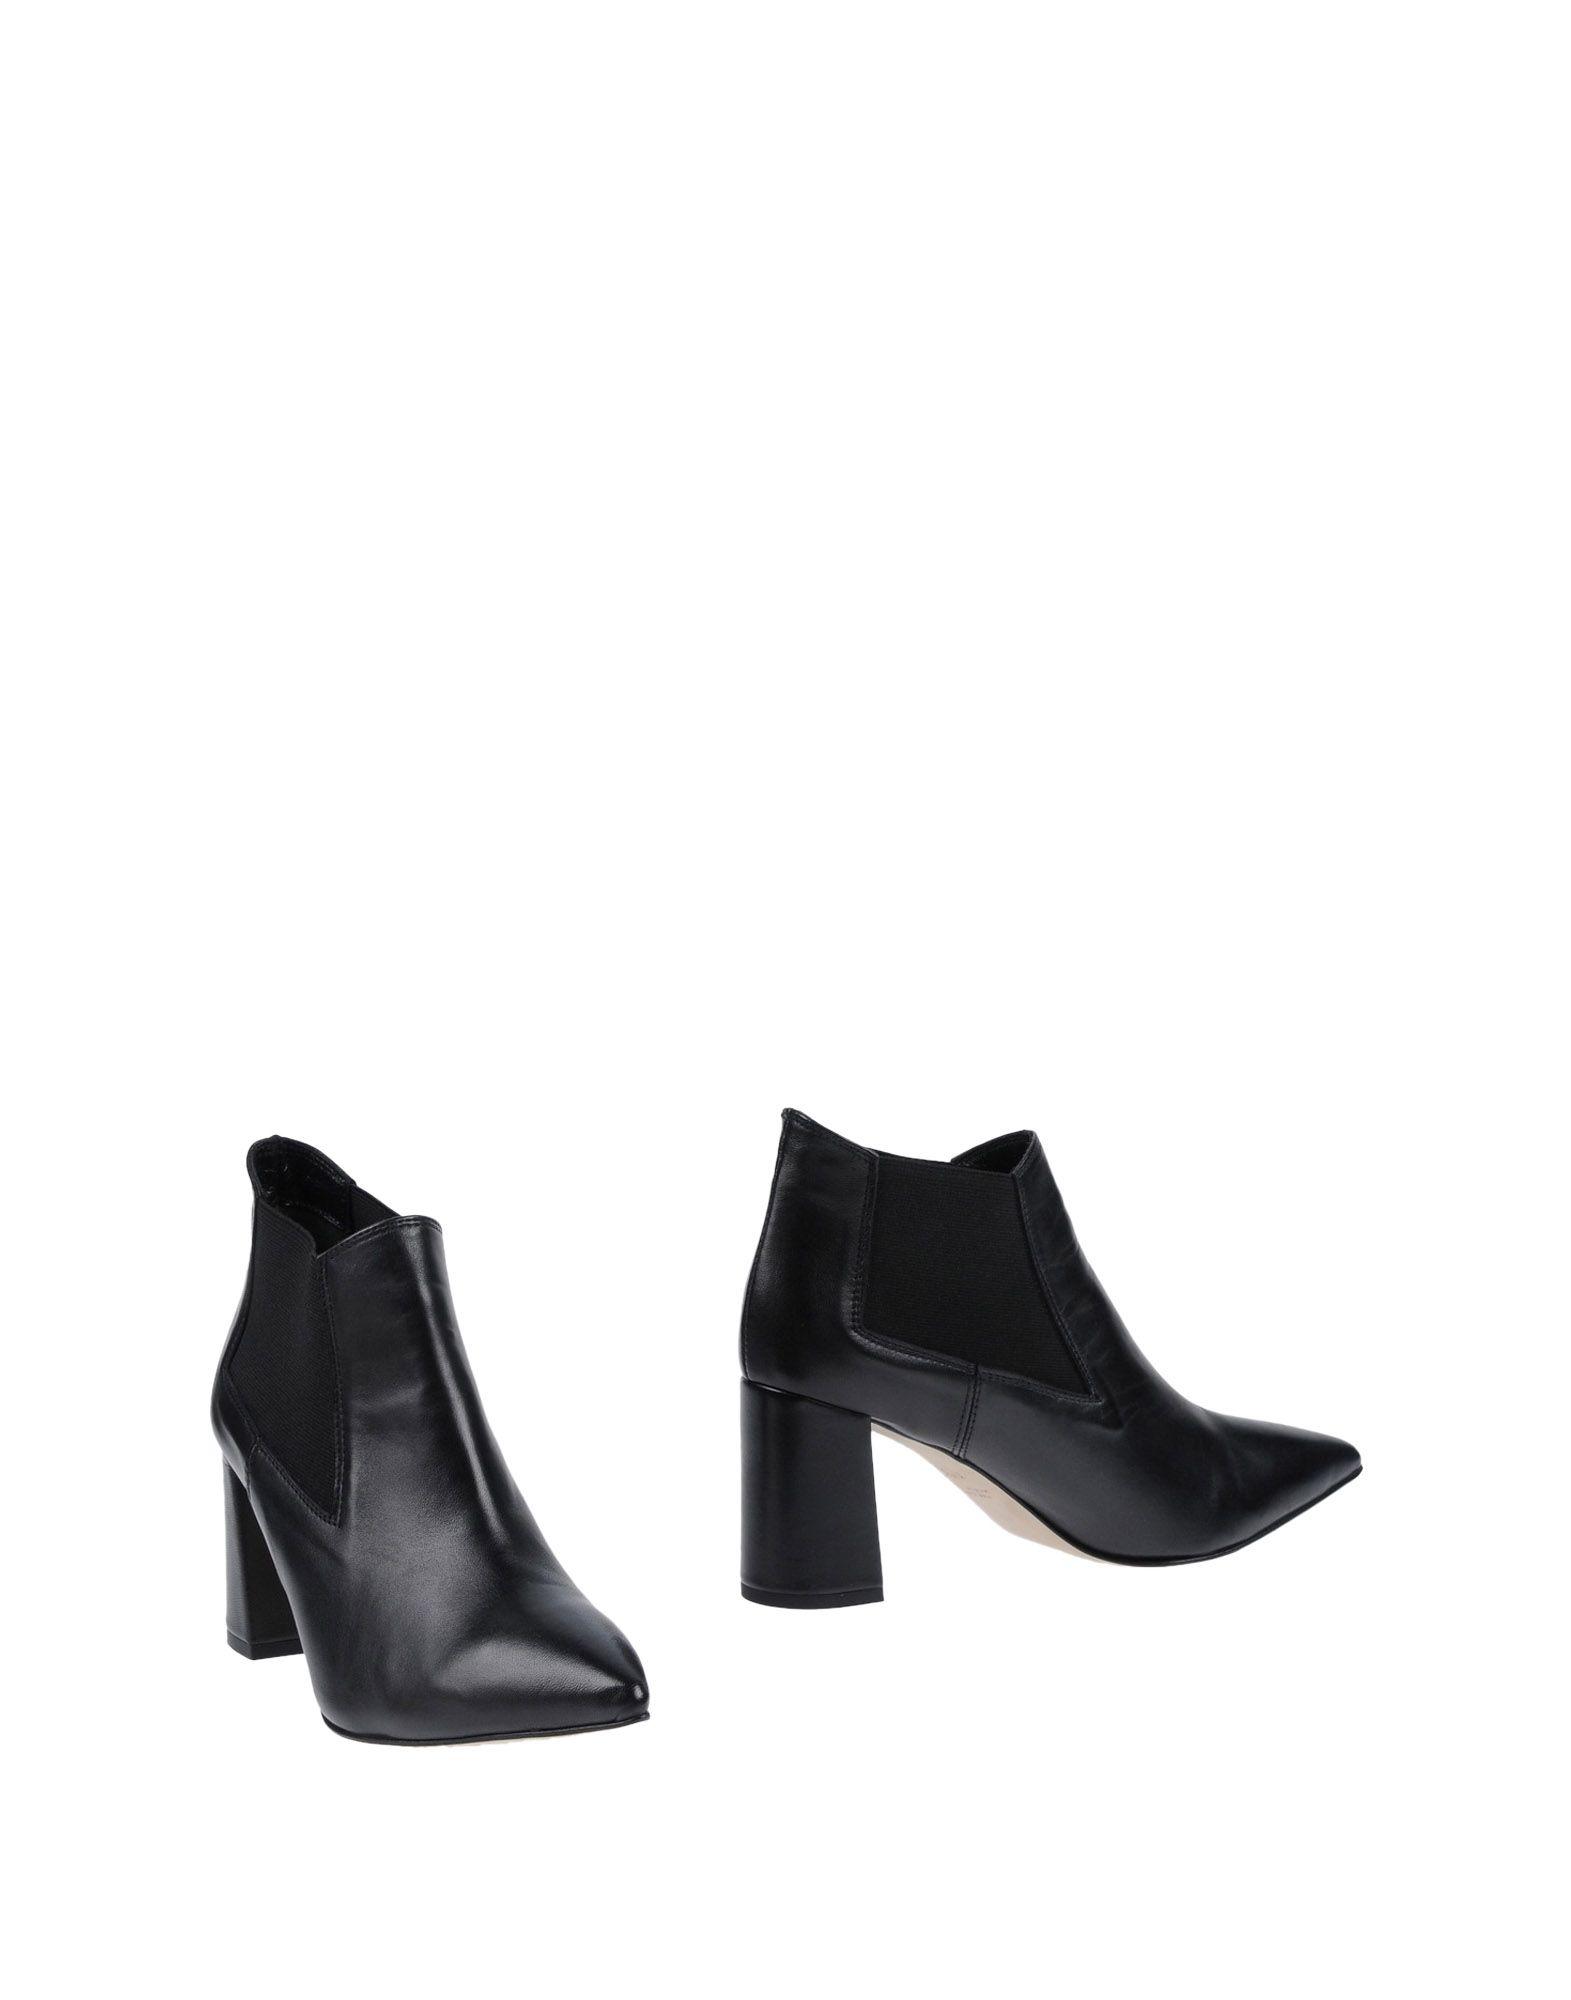 Stilvolle F. billige Schuhe Anna F. Stilvolle Stiefelette Damen  11455026IR 8f5707